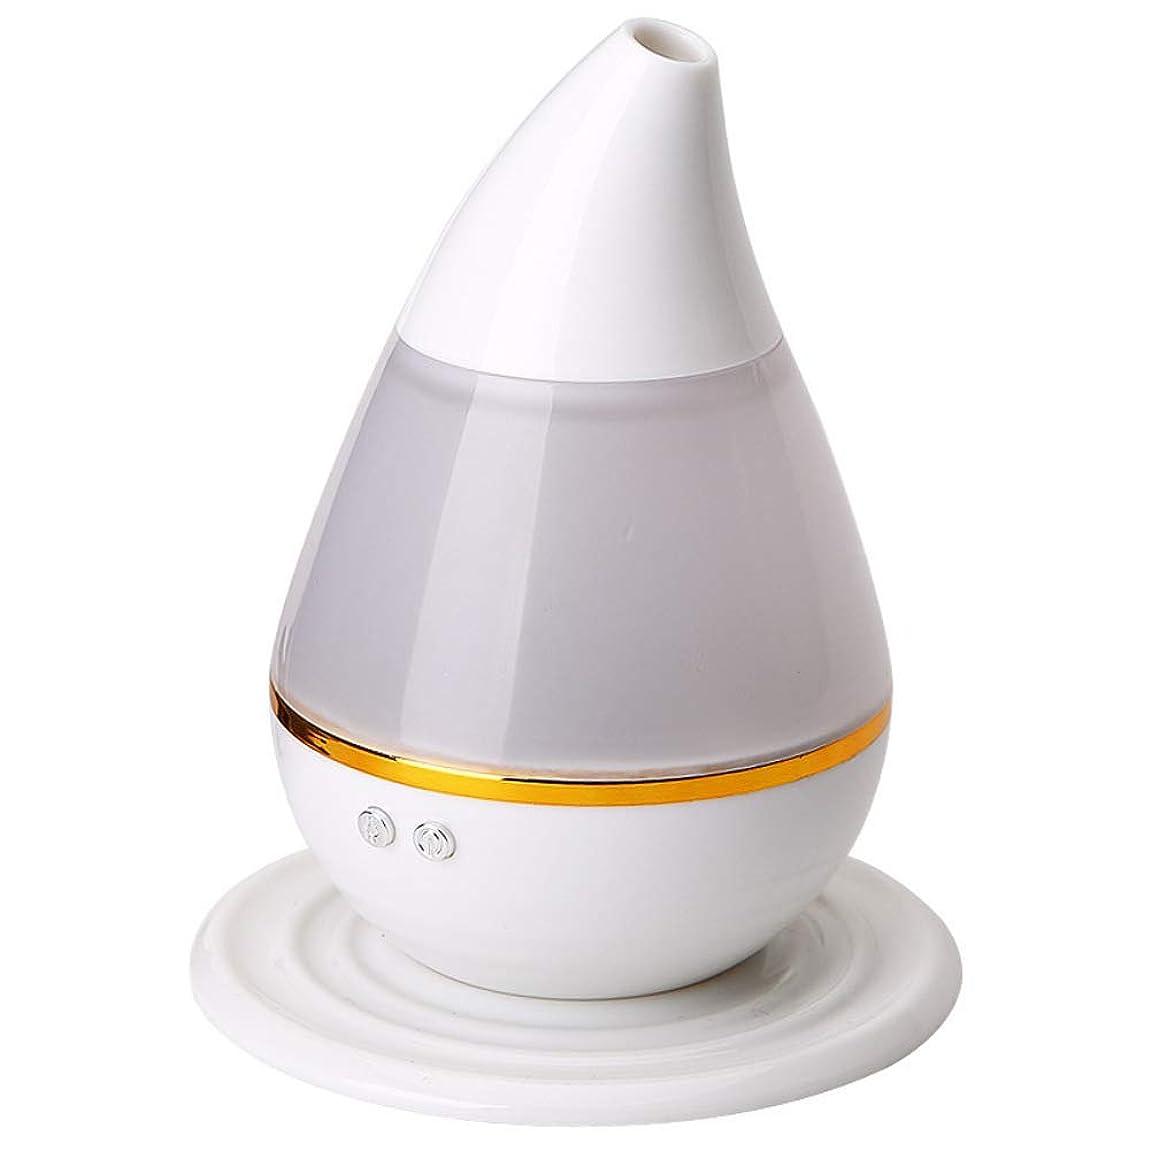 手段追放する悩みエッセンシャル オイル ディフューザー, 涼しい霧の加湿器 7色LEDムードランプ そして 自動シャットオフ アロマディフューザー の ホーム オフィス Yoga 車-ホワイト 12x15cm